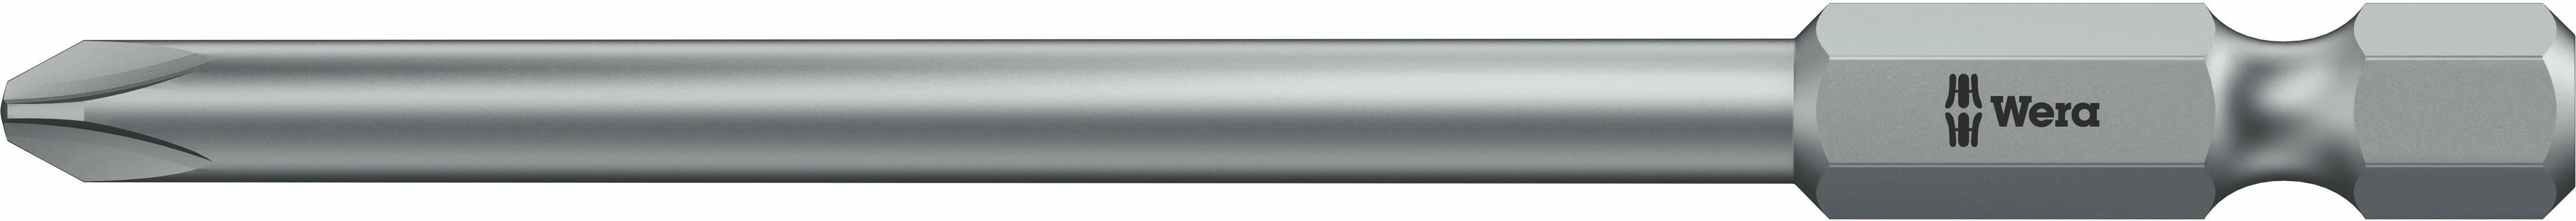 Krížový bit Wera 851/4 Z PH 1 x 89 mm;4.5 mm 05059760001, nástrojová oceľ, 1 ks